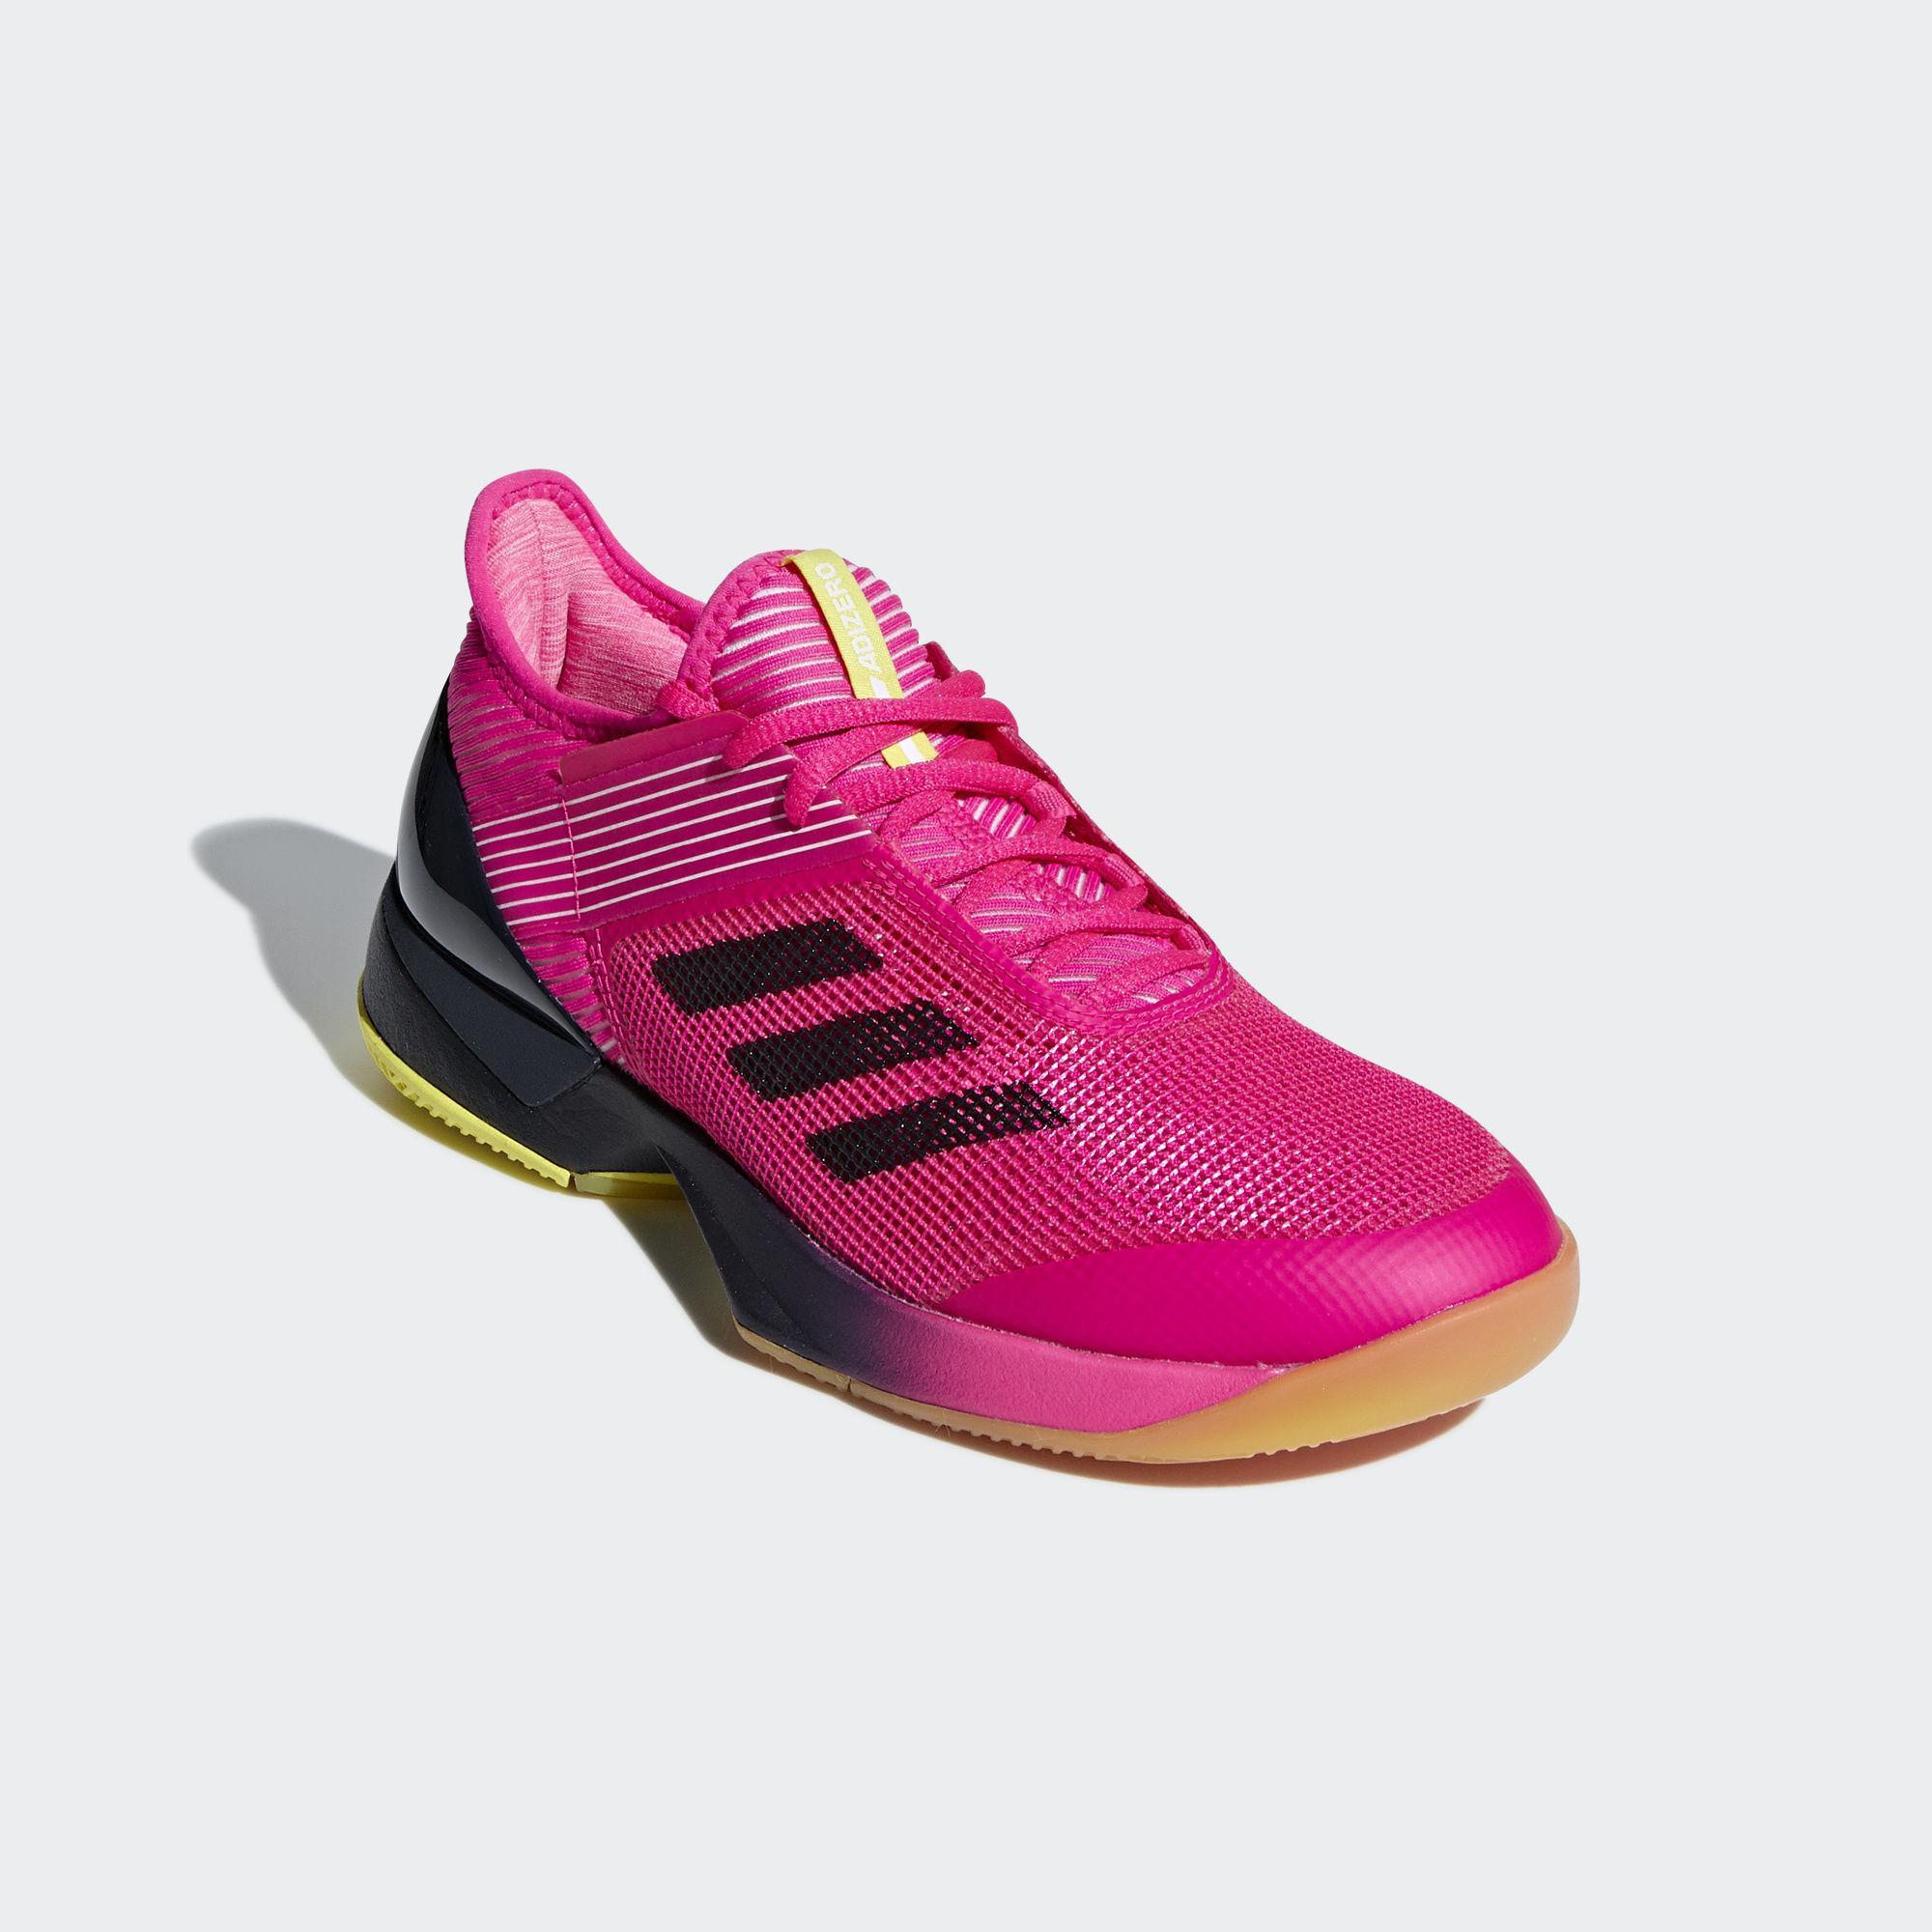 Adidas Womens Adizero Ubersonic 3.0 Tennis Shoes - Shock ...